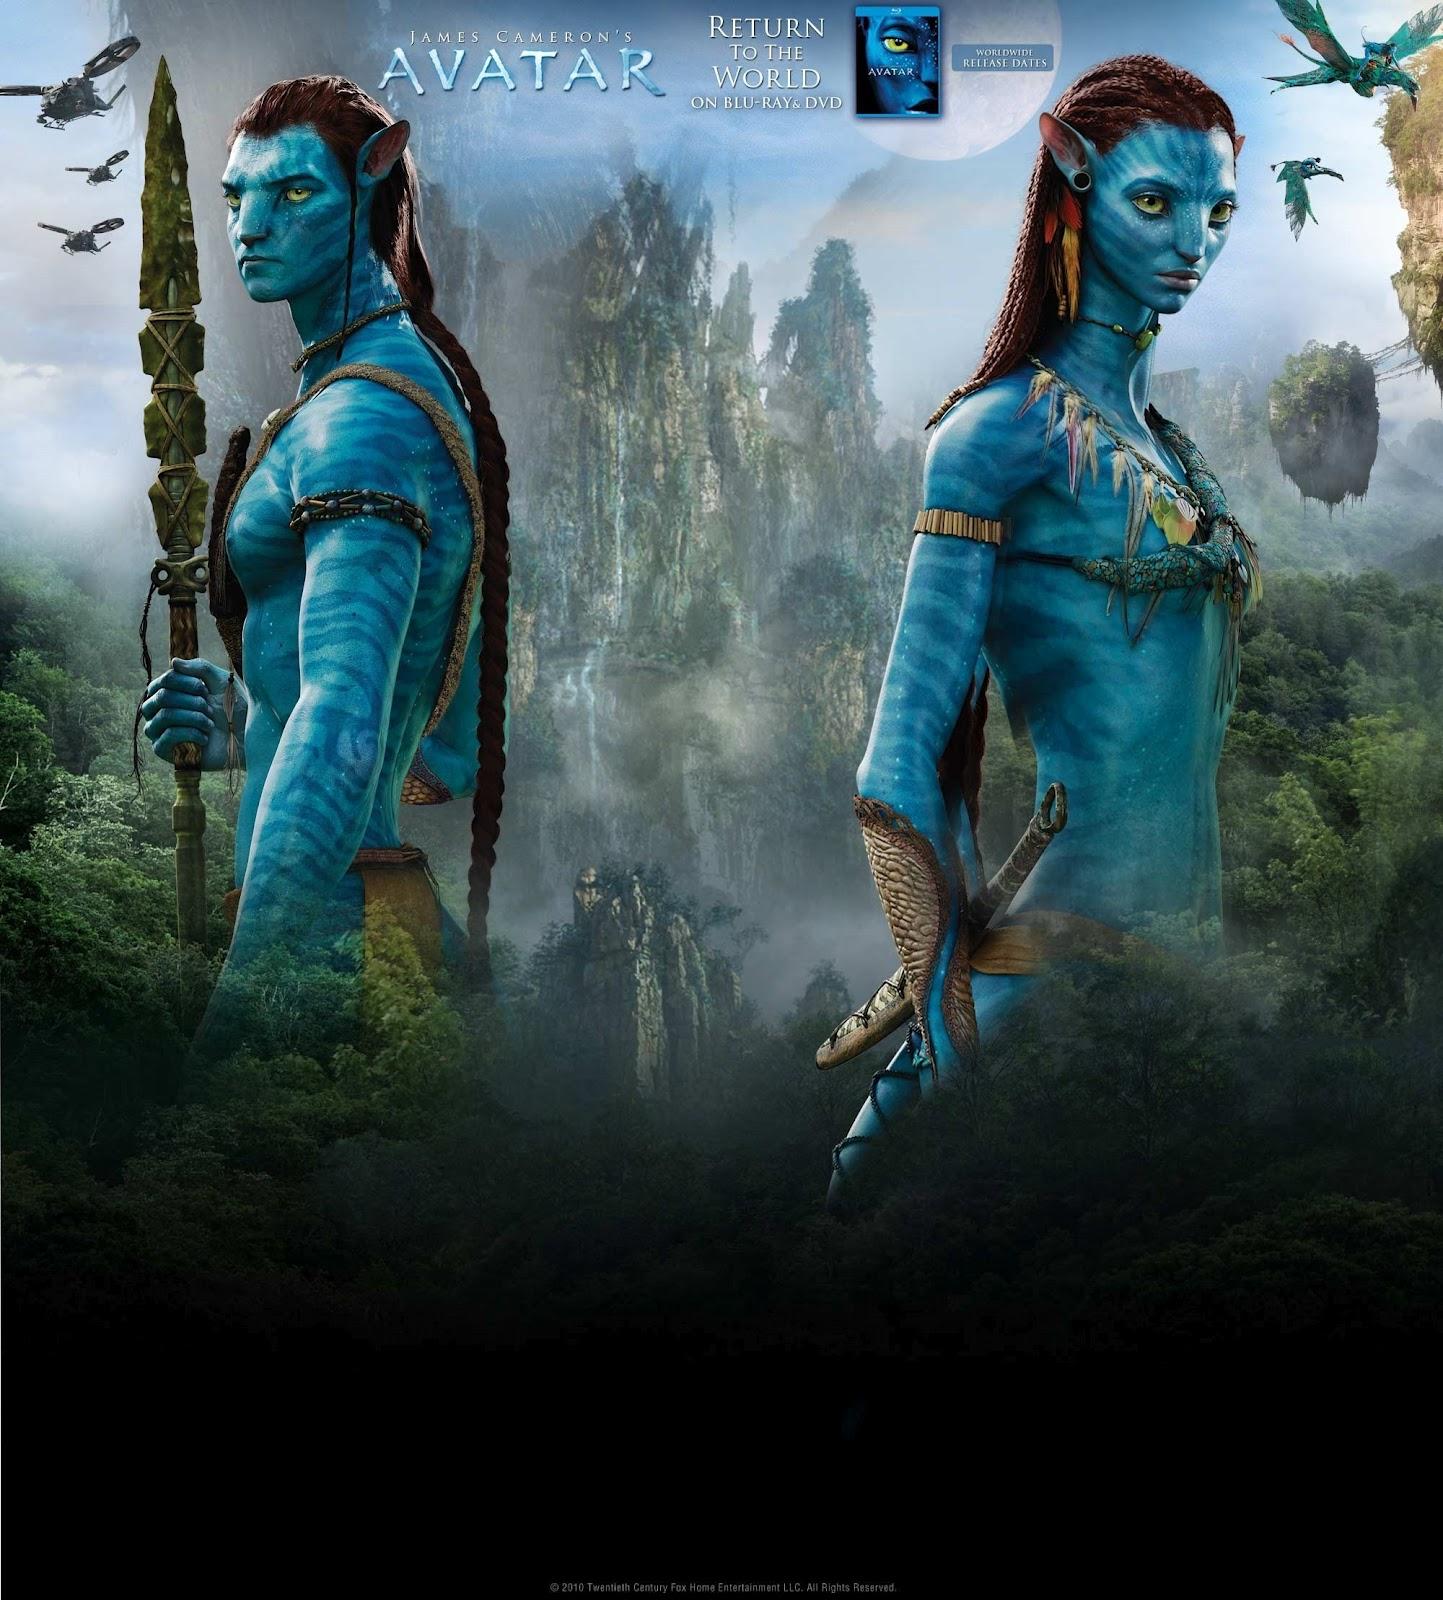 http://3.bp.blogspot.com/-DHlgNuHnK3s/T6jnUr_4odI/AAAAAAAAW2I/wUCnjRADrL8/s1600/Avatar-Blu-Ray-Dvd-Promo-avatar-11063382-2000-2218.jpg